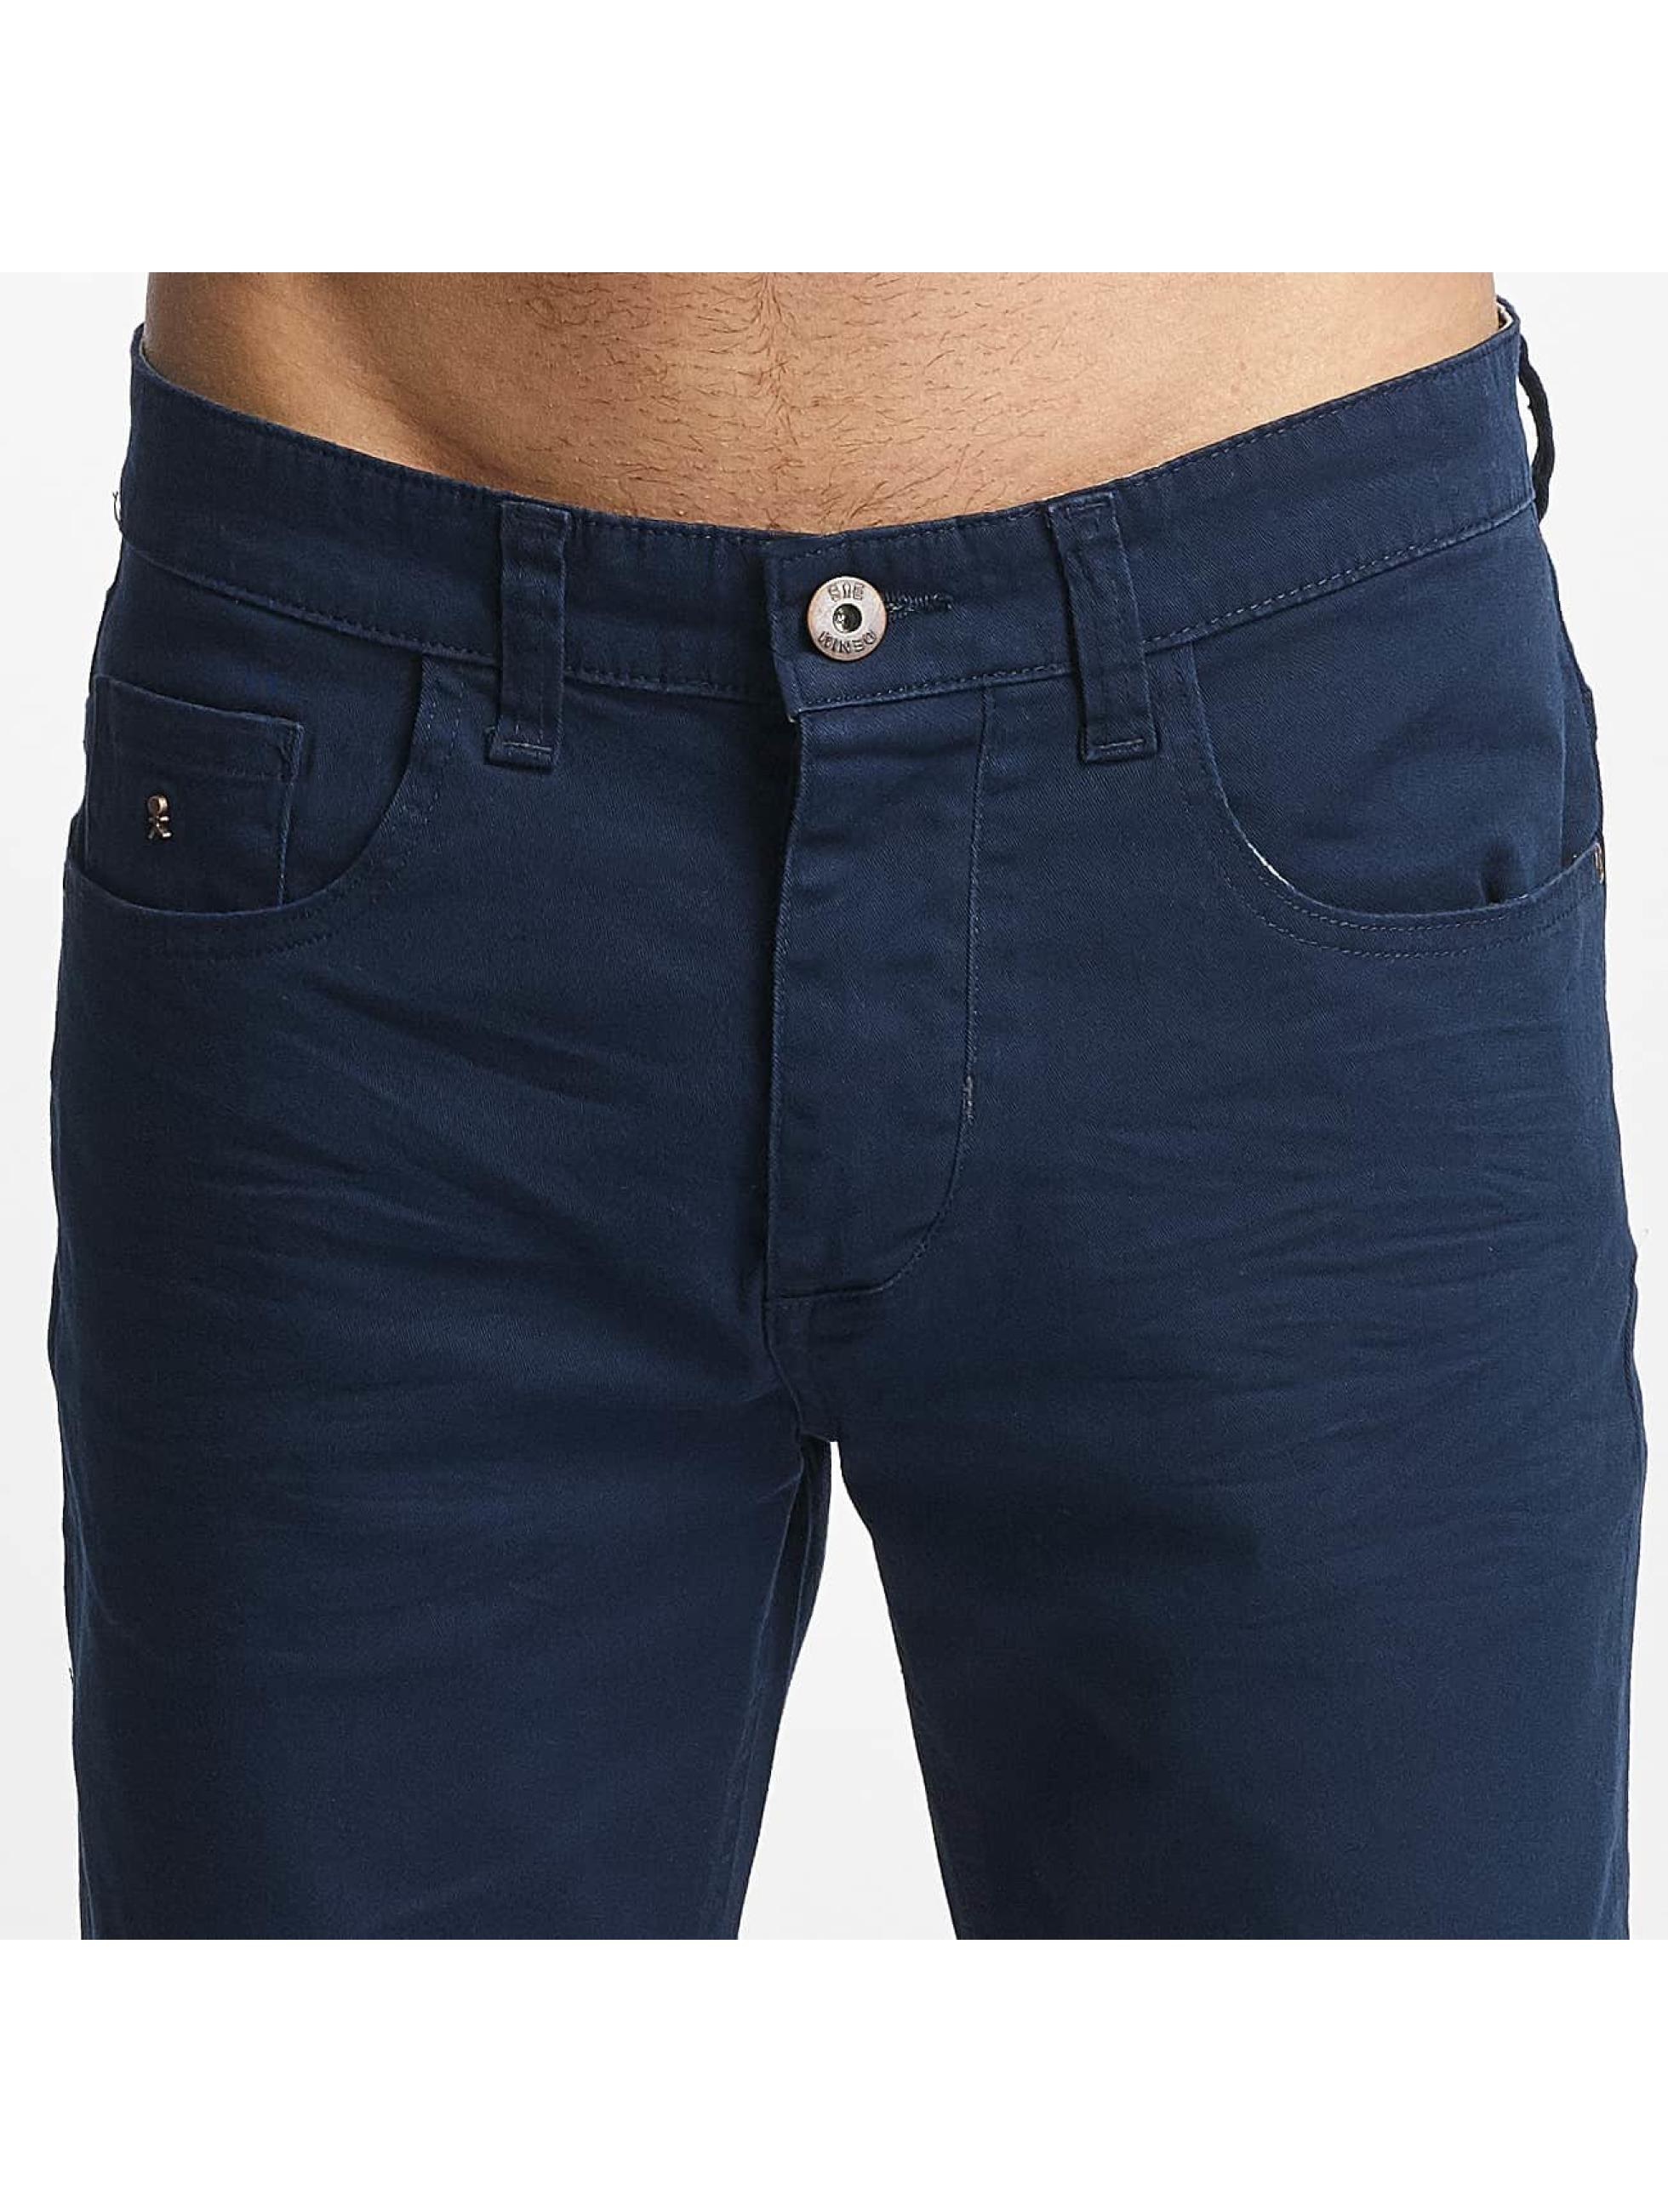 ID Denim Shorts Twill blau